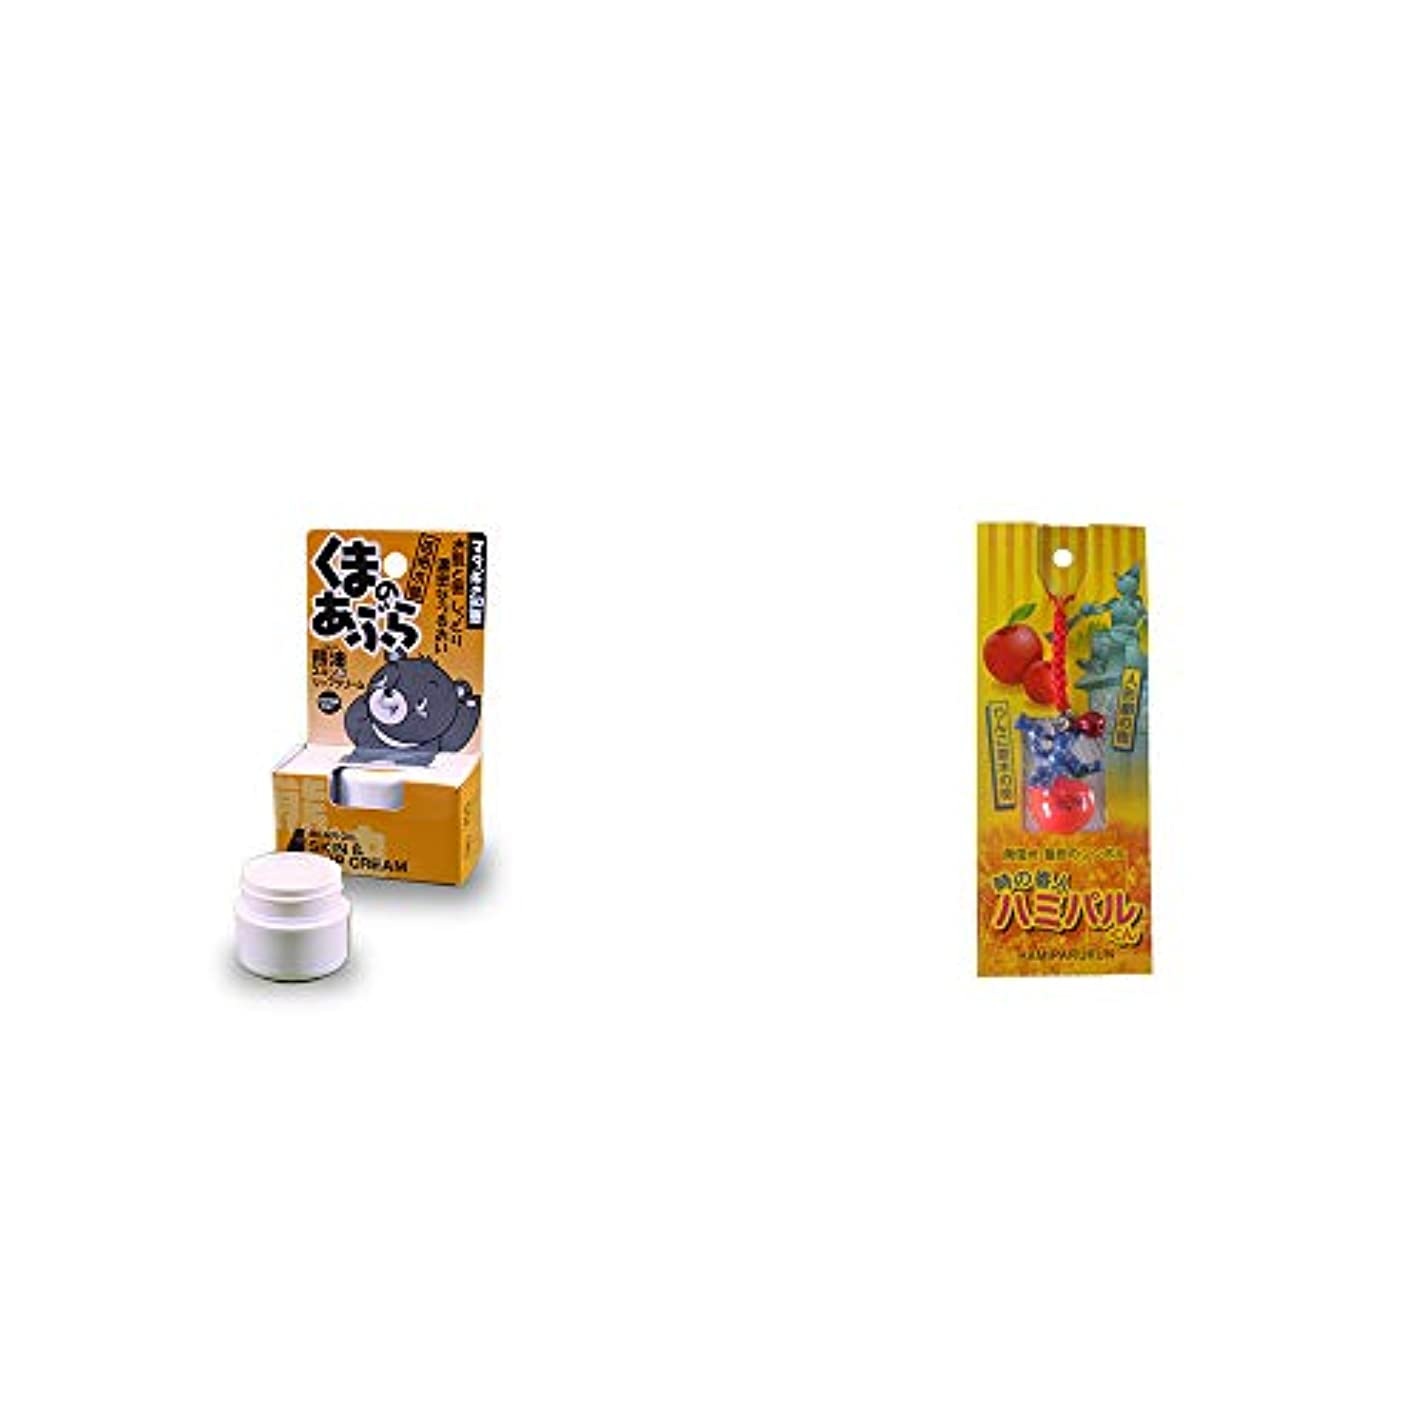 [2点セット] 信州木曽 くまのあぶら 熊油スキン&リップクリーム(9g)?信州?飯田のシンボル 時の番人ハミパルくんストラップ